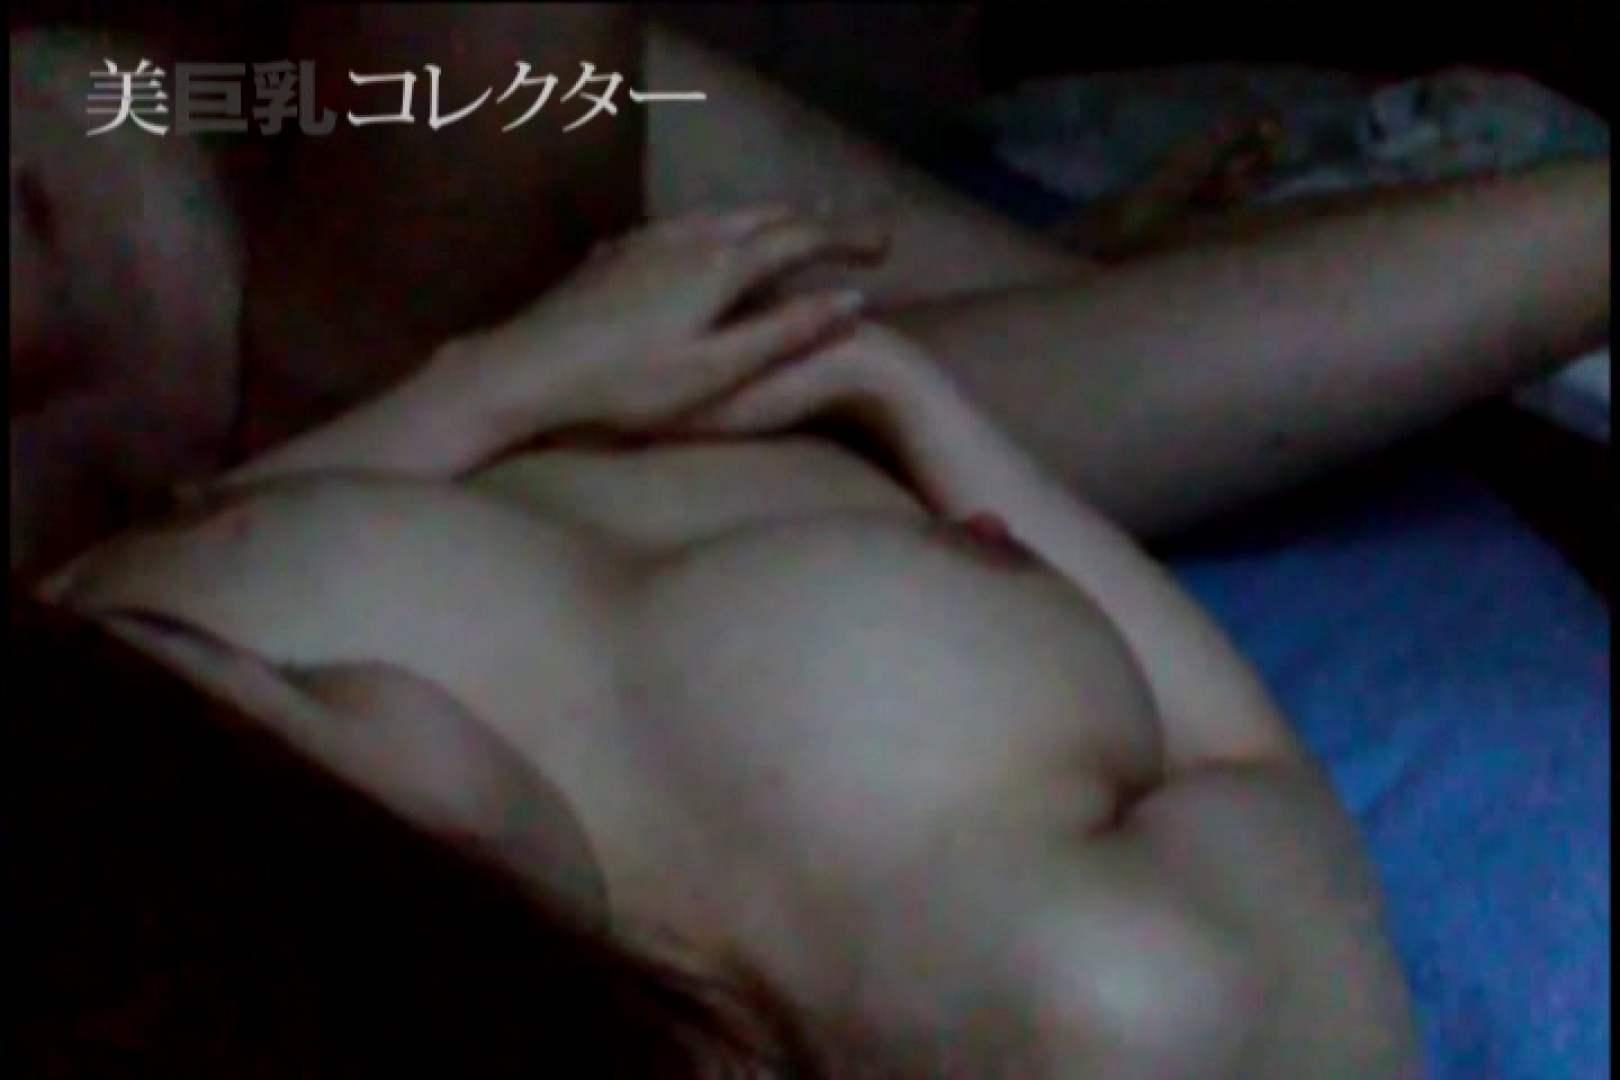 泥酔Hカップ爆乳ギャル3 SEX  58pic 44